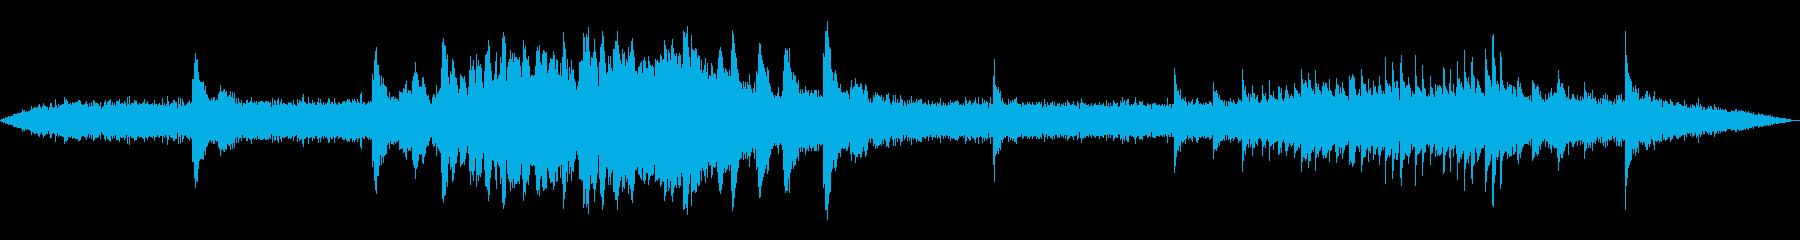 極寒のイメージ(30秒)の再生済みの波形